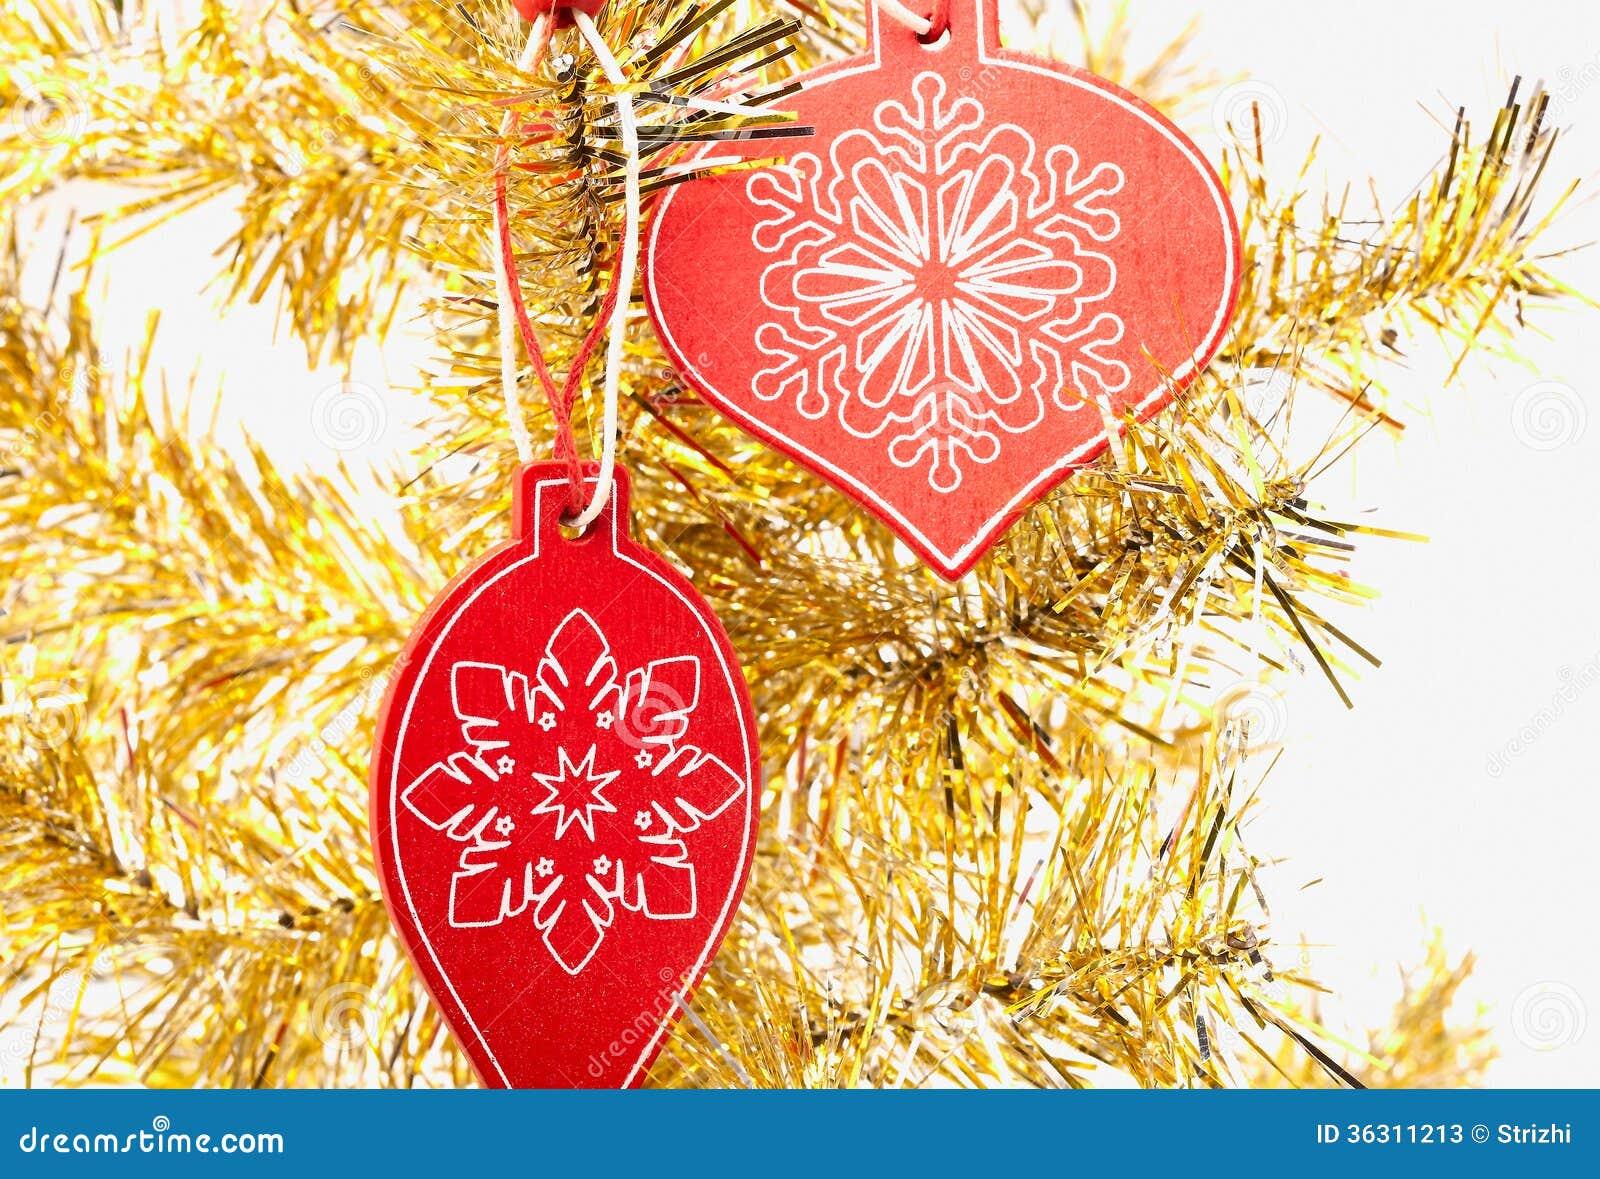 #BD930E Décoration En Bois De Noël Sur L'arbre Jaune Photos Stock  5881 décoration de noel jaune 1300x975 px @ aertt.com